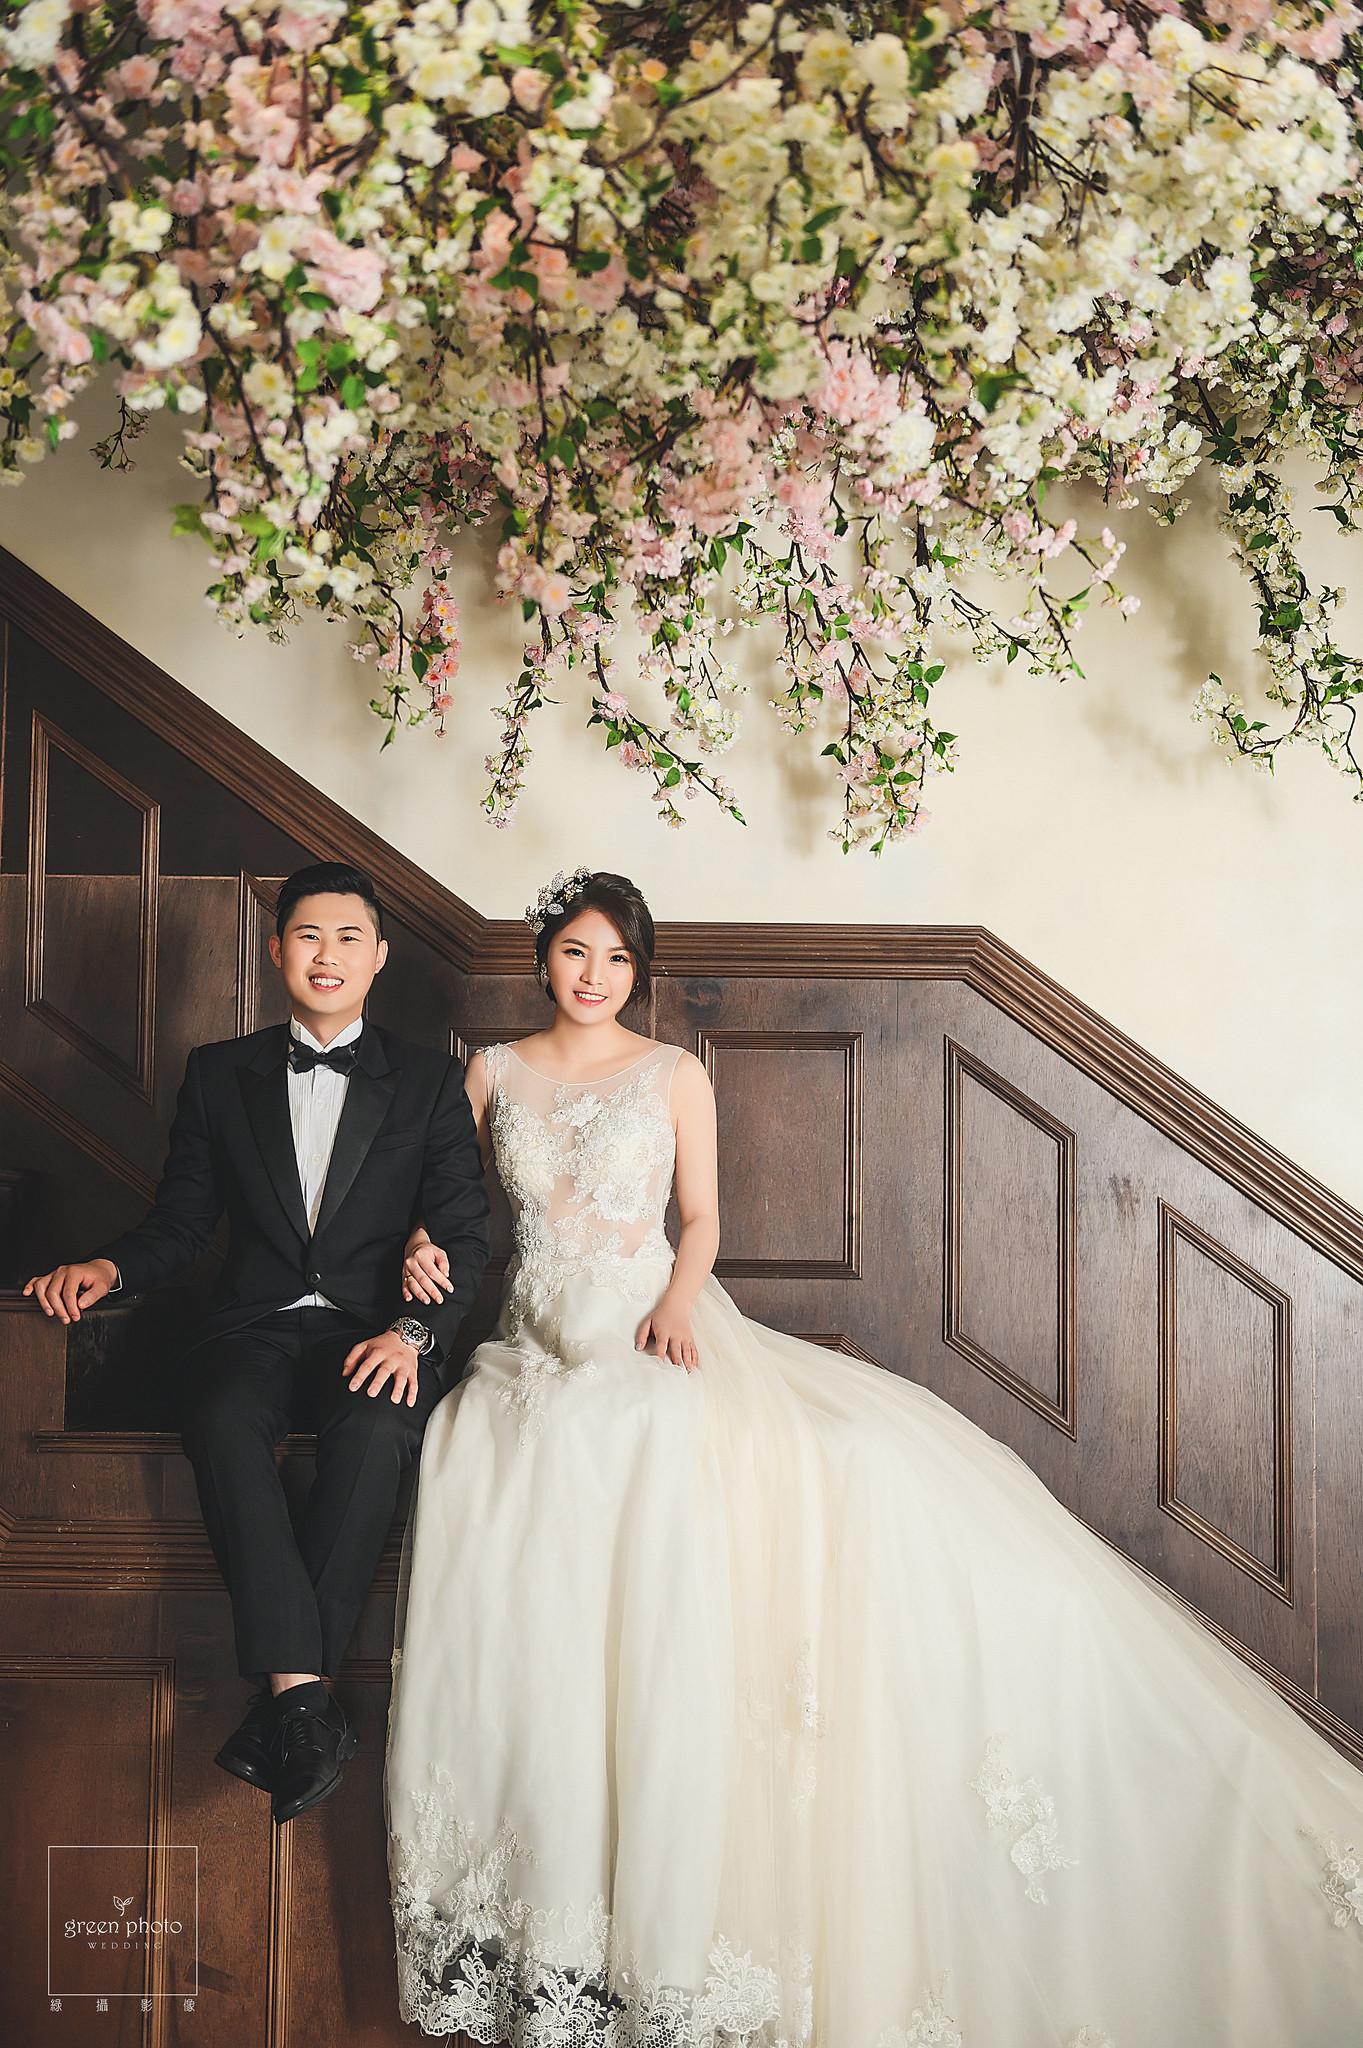 婚紗攝影|台北婚紗|攝影棚婚紗|海邊婚紗